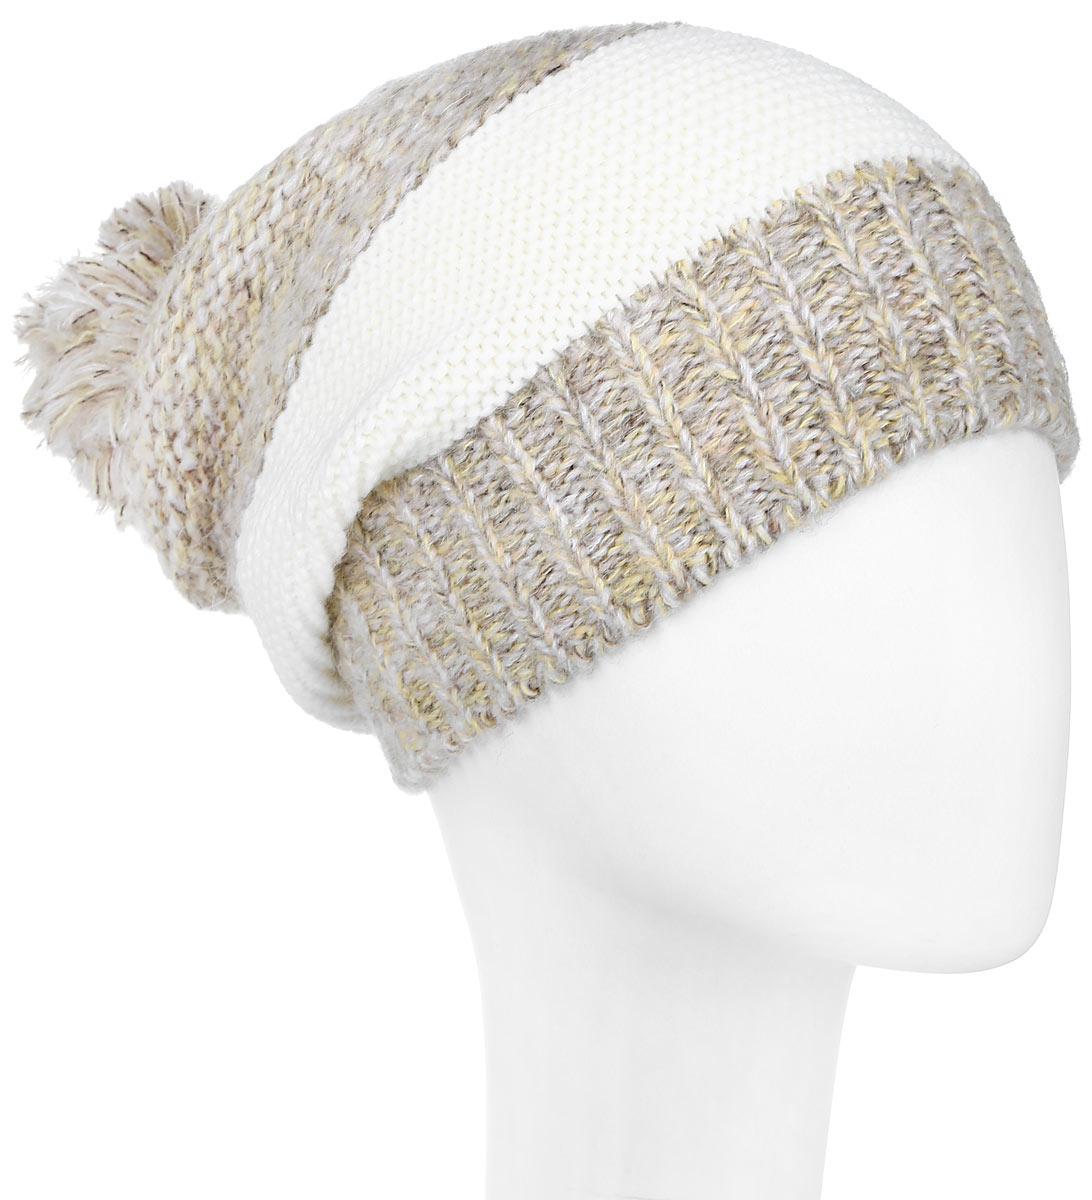 Шапка женский Dispacci, цвет: бежевый, молочный. 21120M. Размер универсальный21120MСтильная женская шапка Dispacci, изготовленная из мягкой итальянской пряжи смешанного состава, она обладает хорошими дышащими свойствами и хорошо удерживает тепло. Элегантная шапка немного удлиненная и свободная в макушке дополнена пушистым помпоном. Практичная форма модели делает ее очень комфортной, а маленькая аккуратная металлическая пластина с названием бренда подчеркивает ее оригинальность.